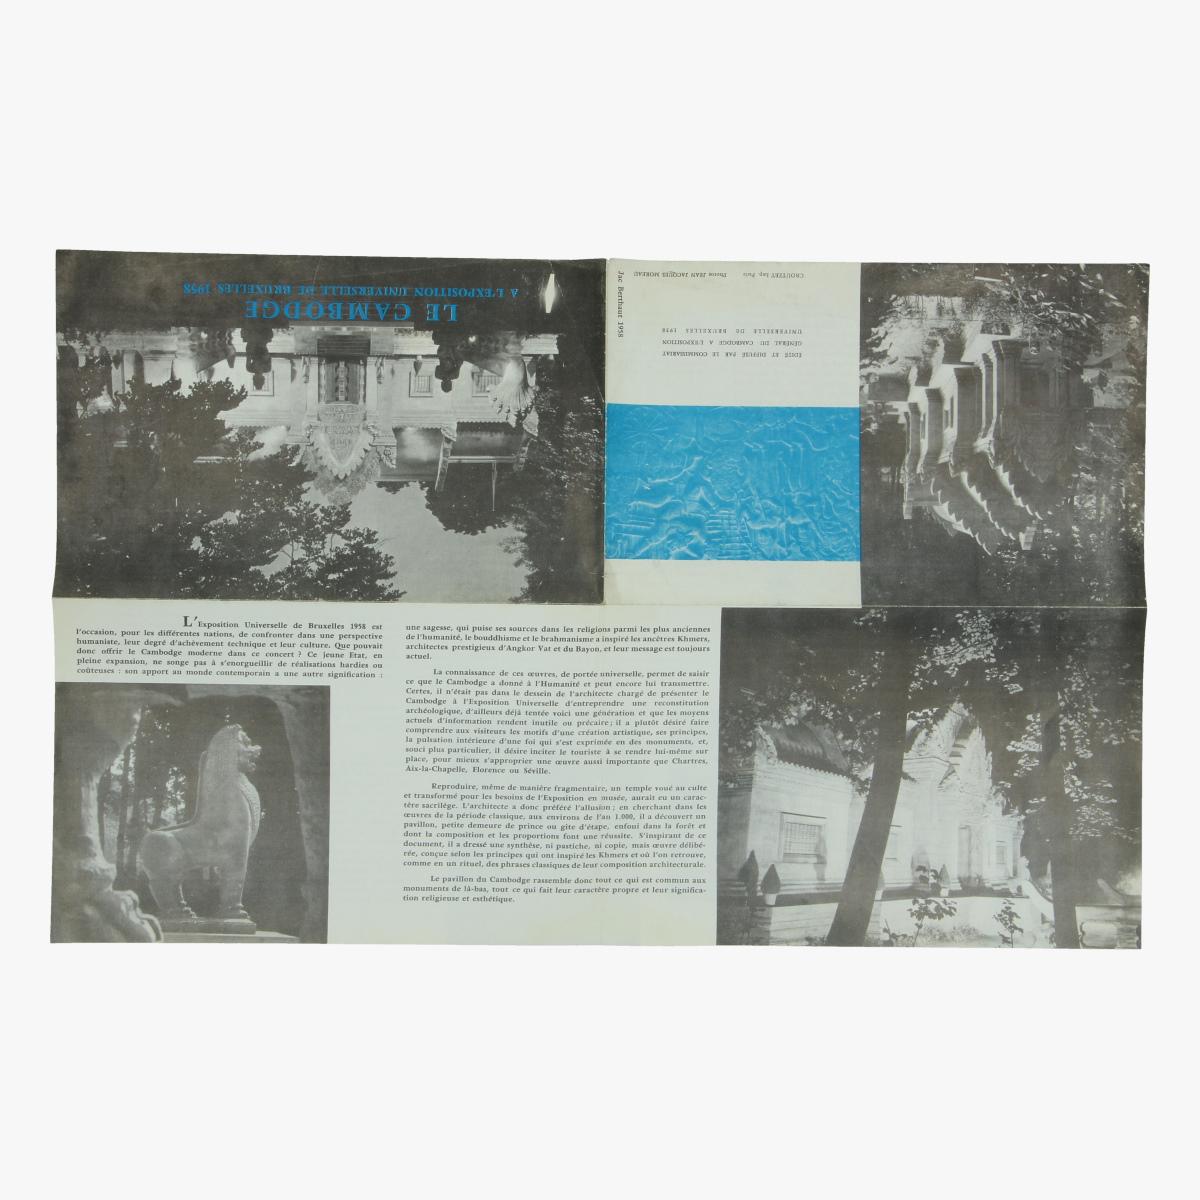 Afbeeldingen van expo 58 folder le cambodge